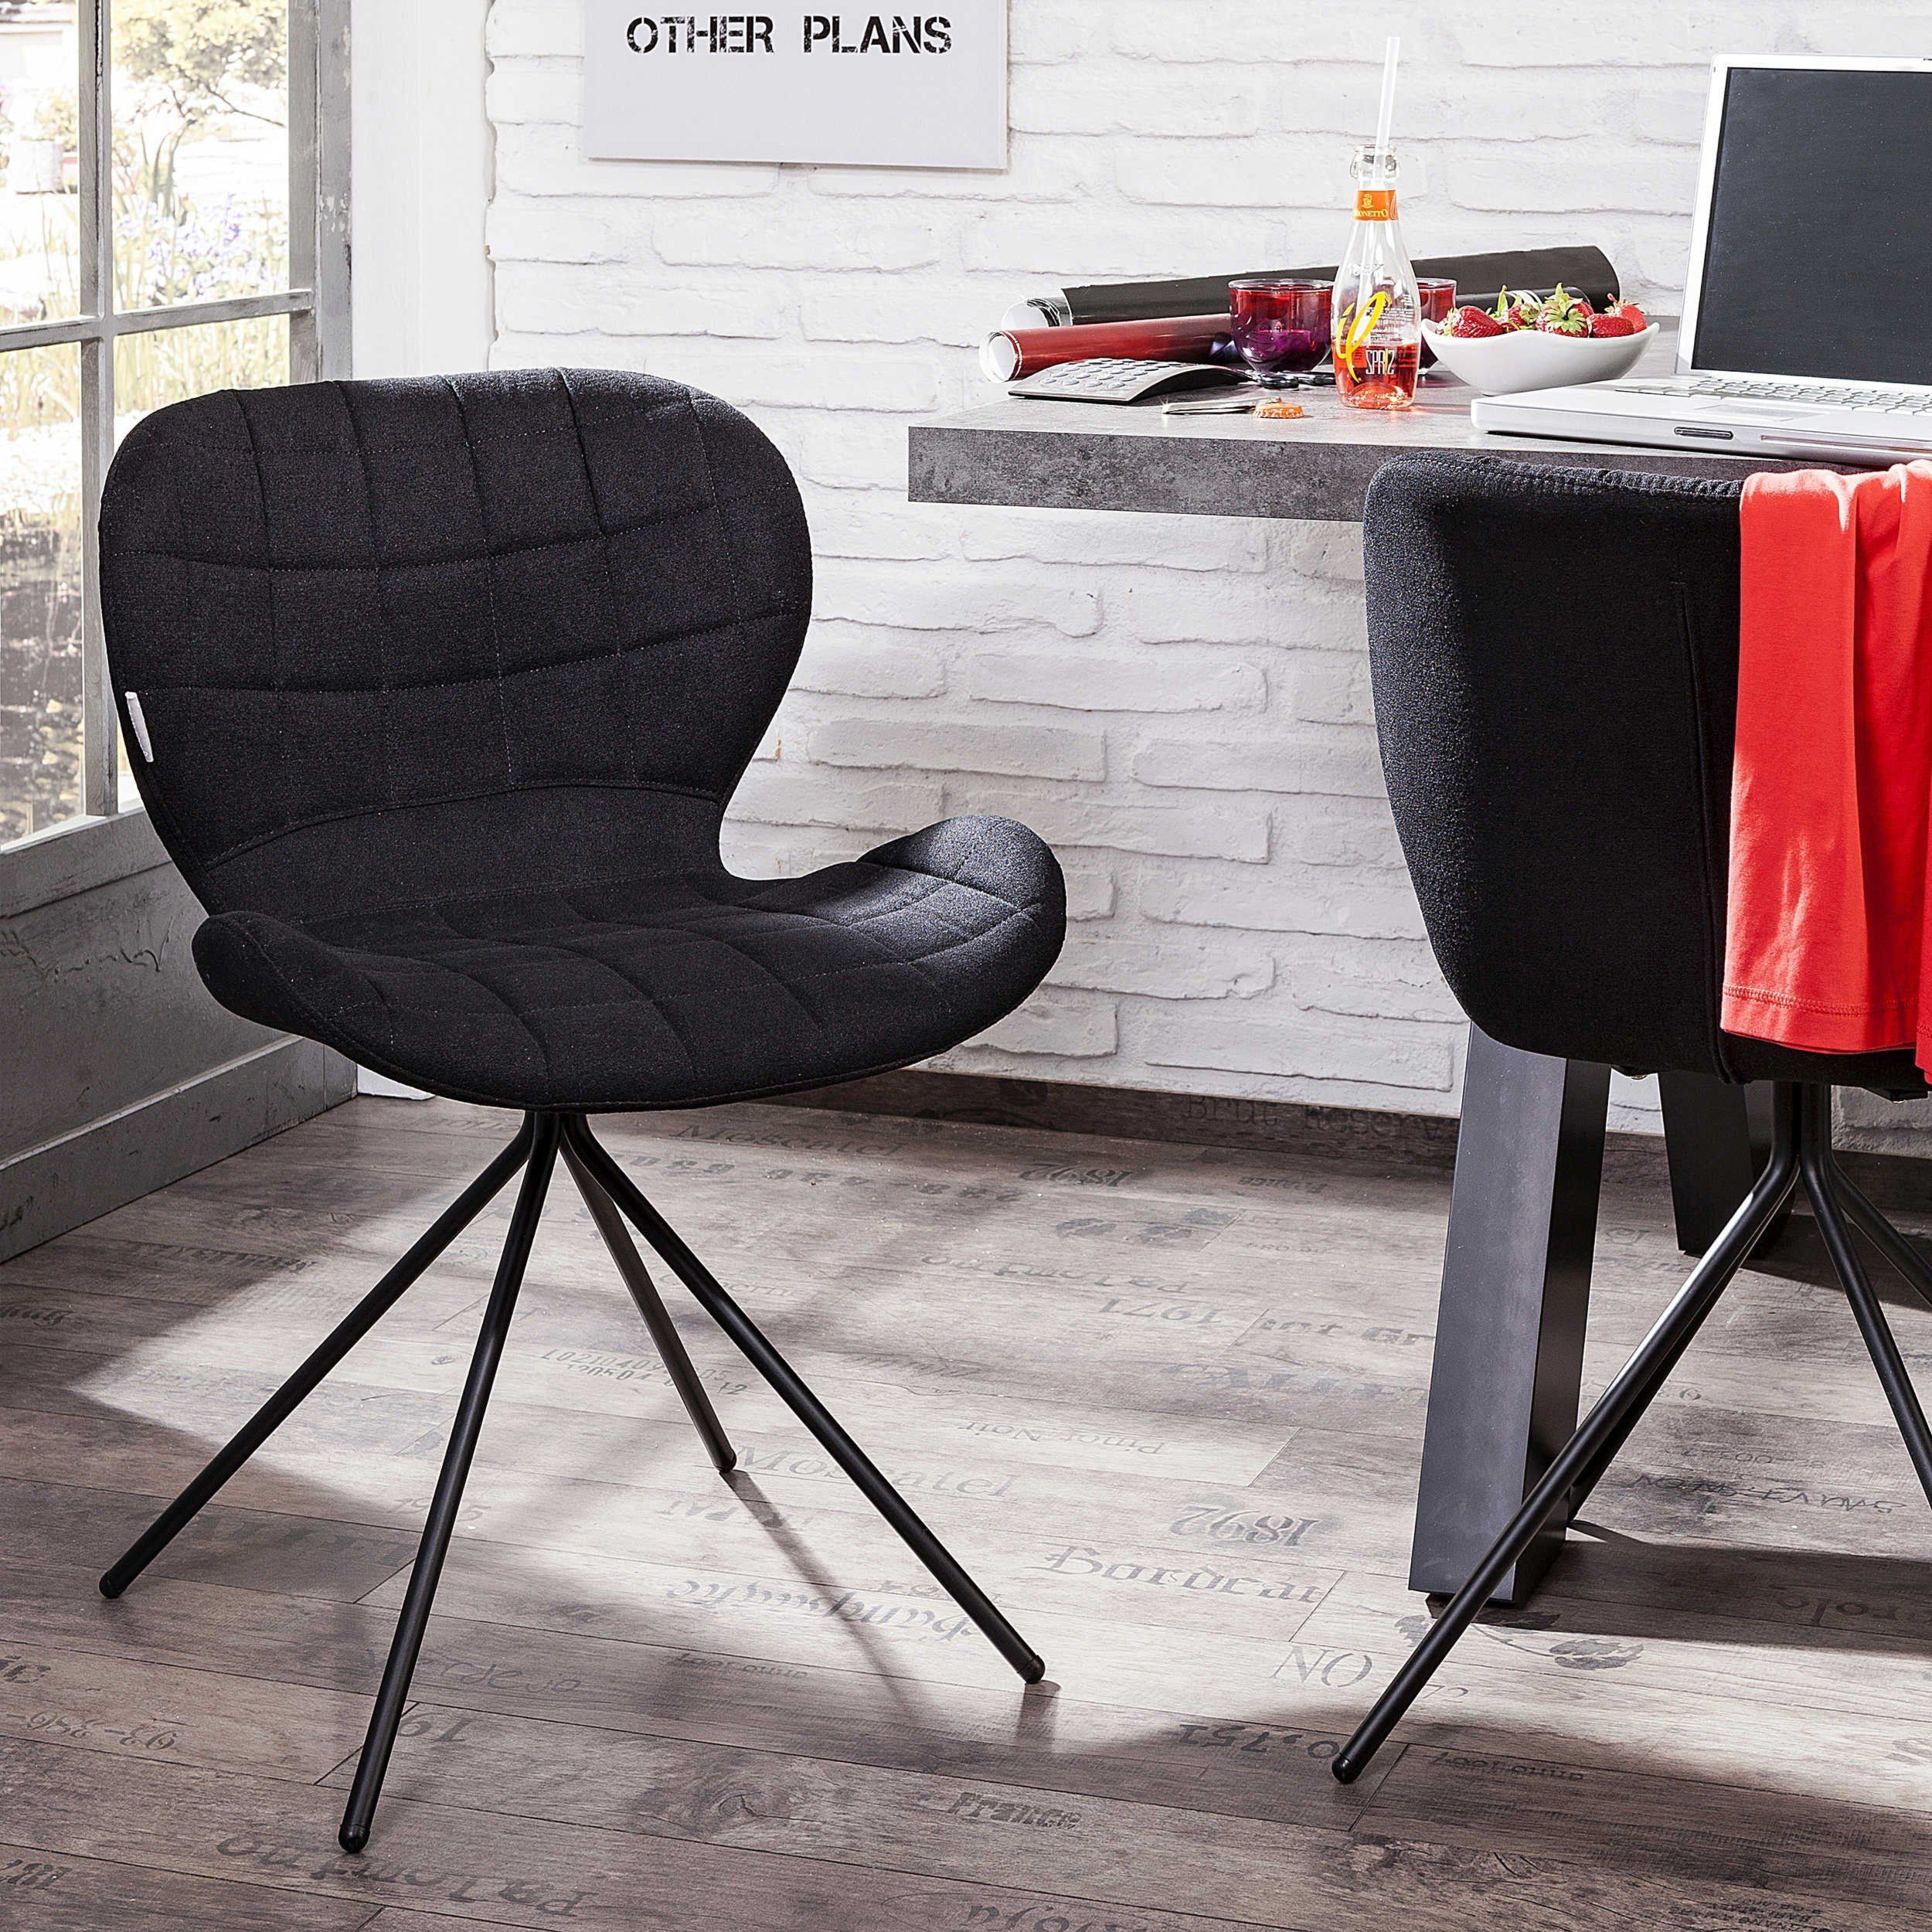 Stuhl Omg Stühle Furniture Chair Und Home Decor